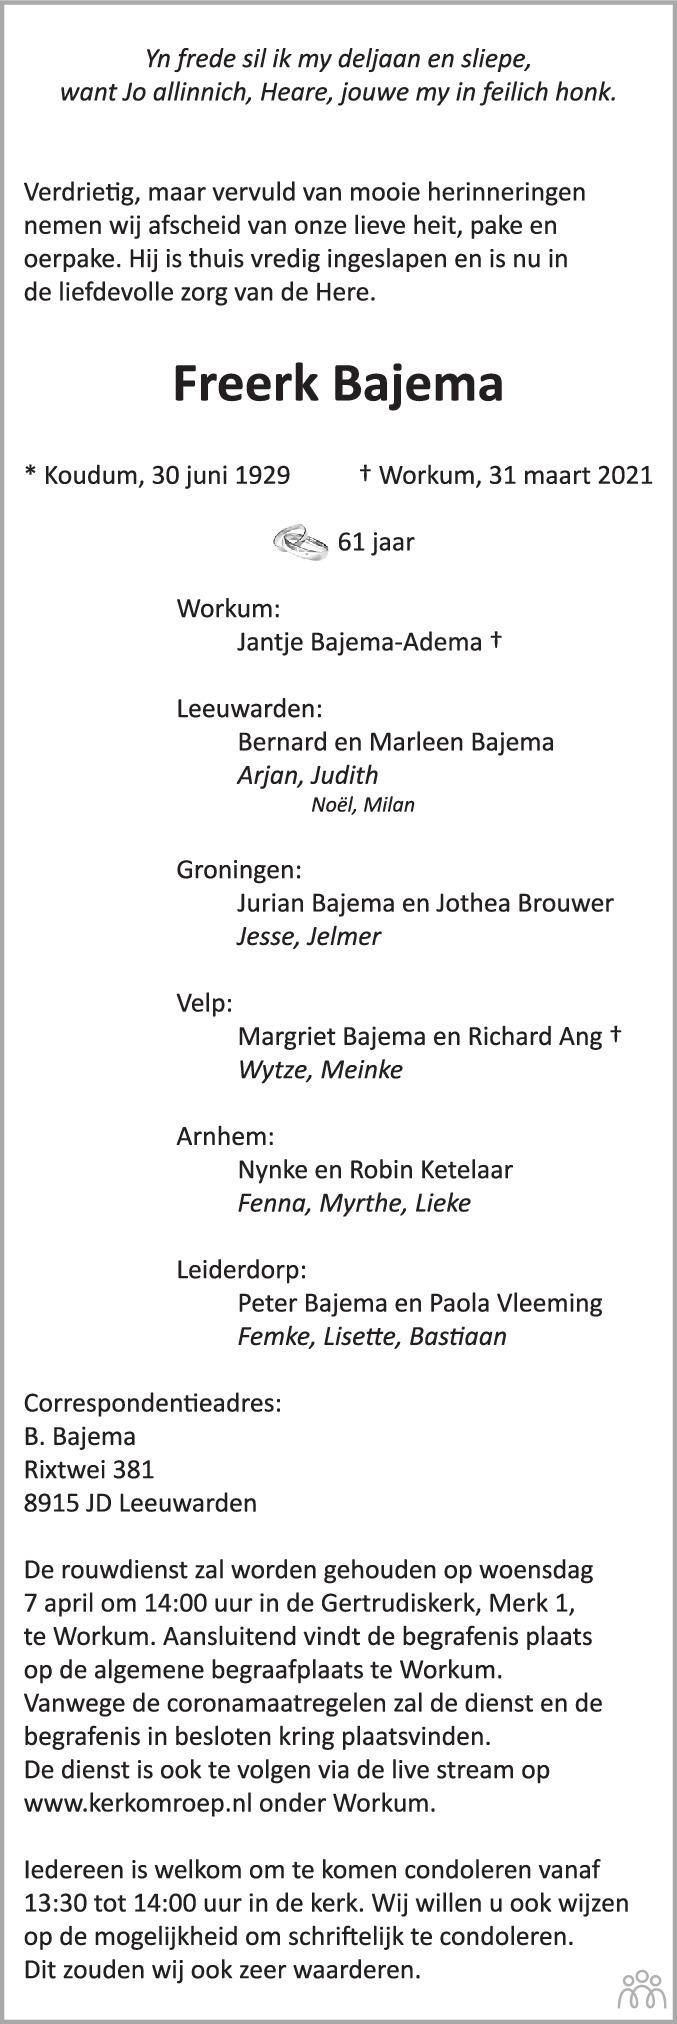 Overlijdensbericht van Freerk Bajema in Leeuwarder Courant